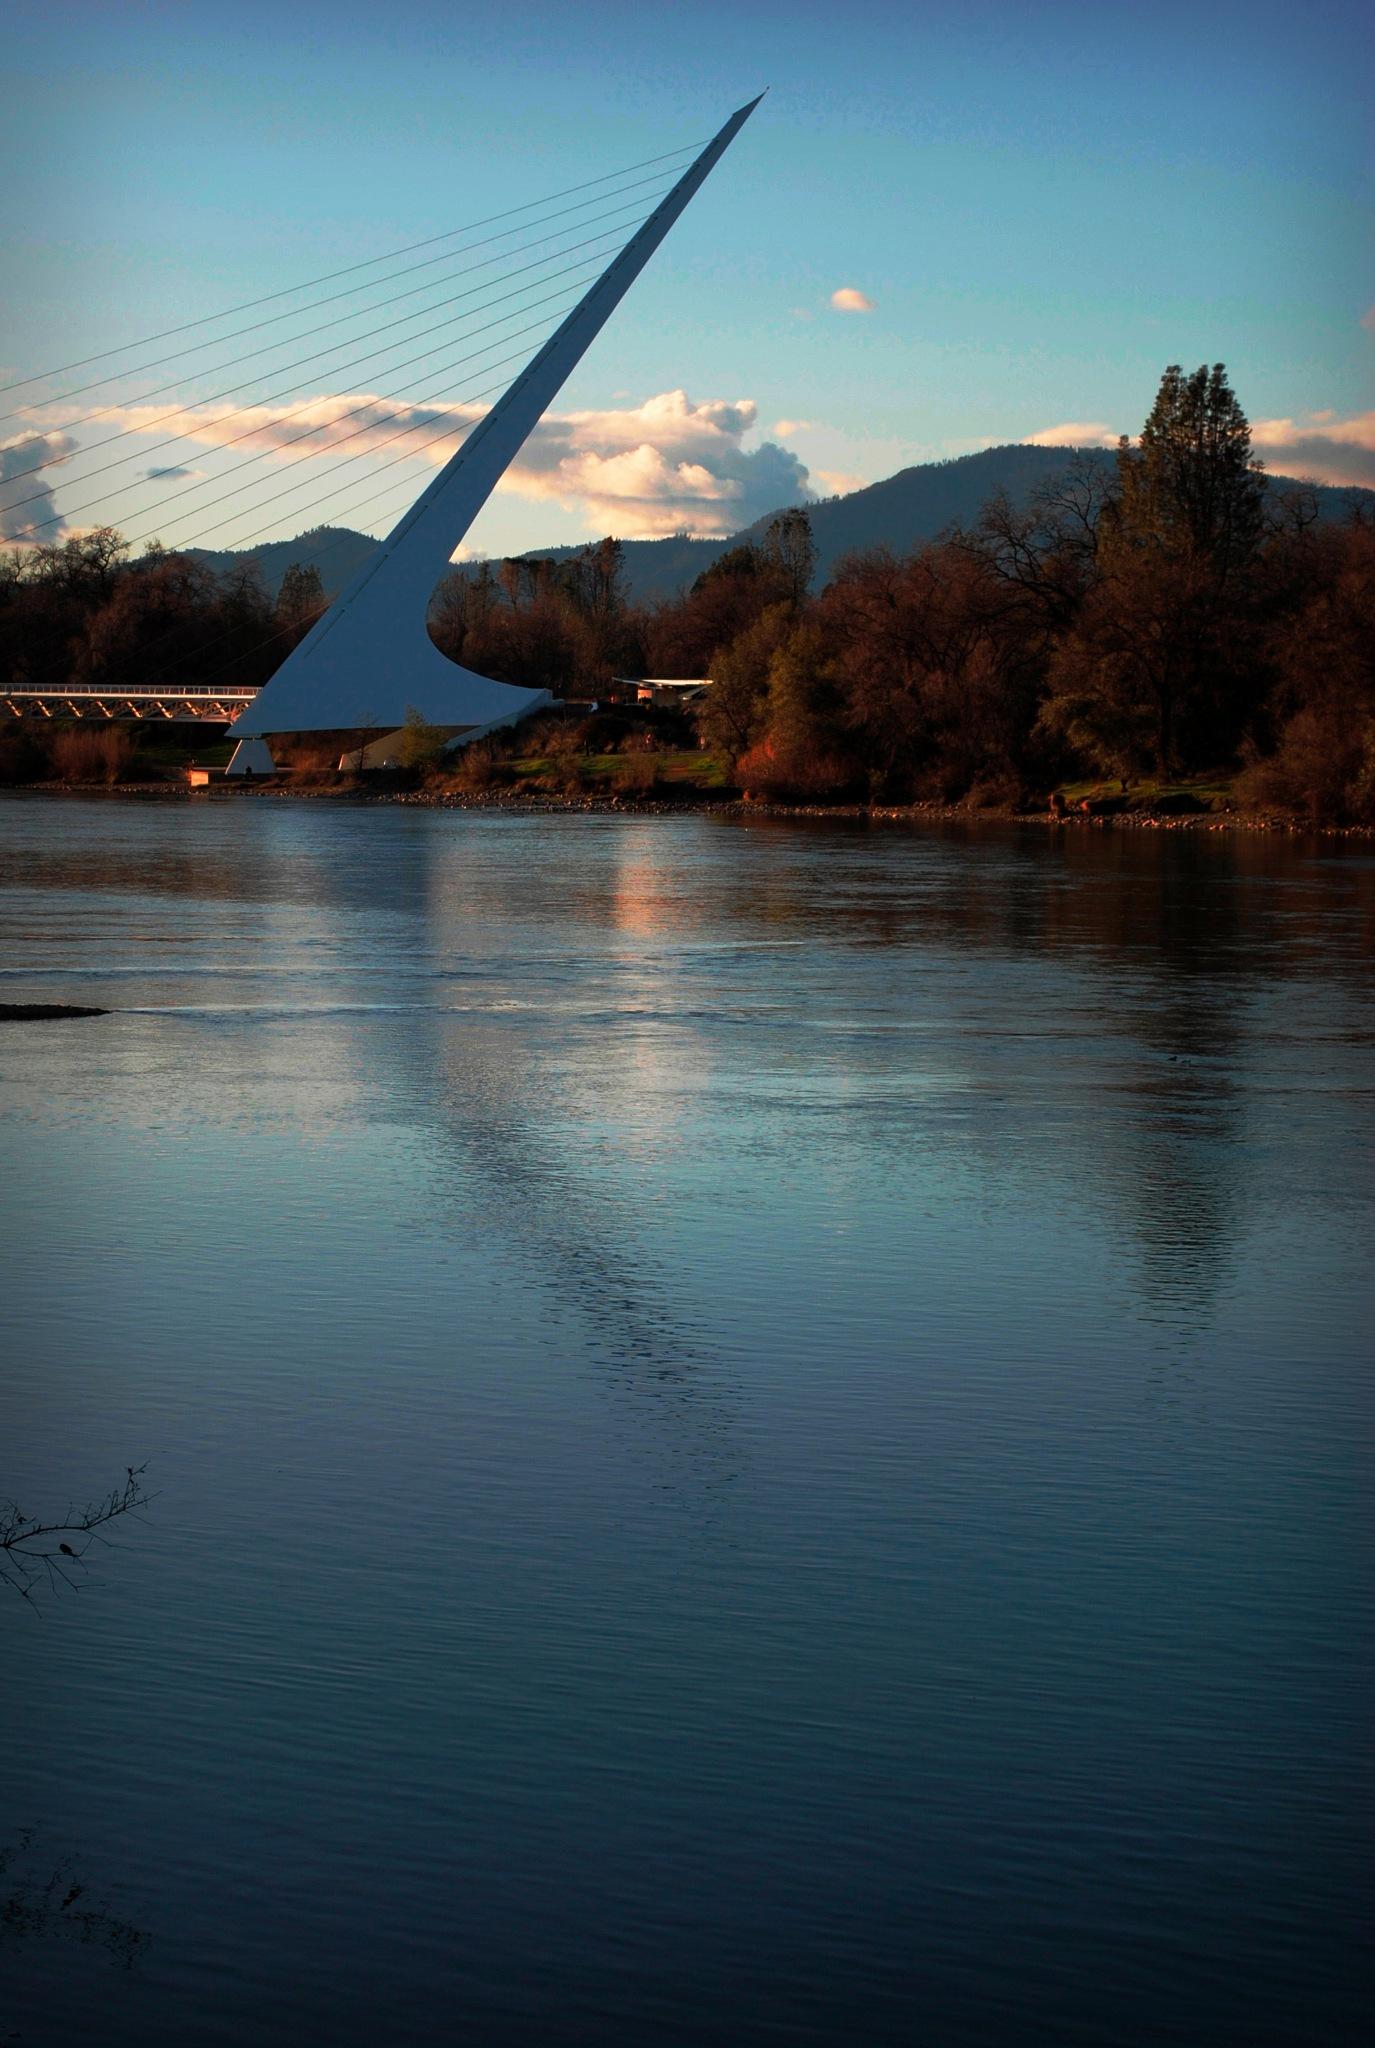 Sundial Bridge by Morgan Garcia